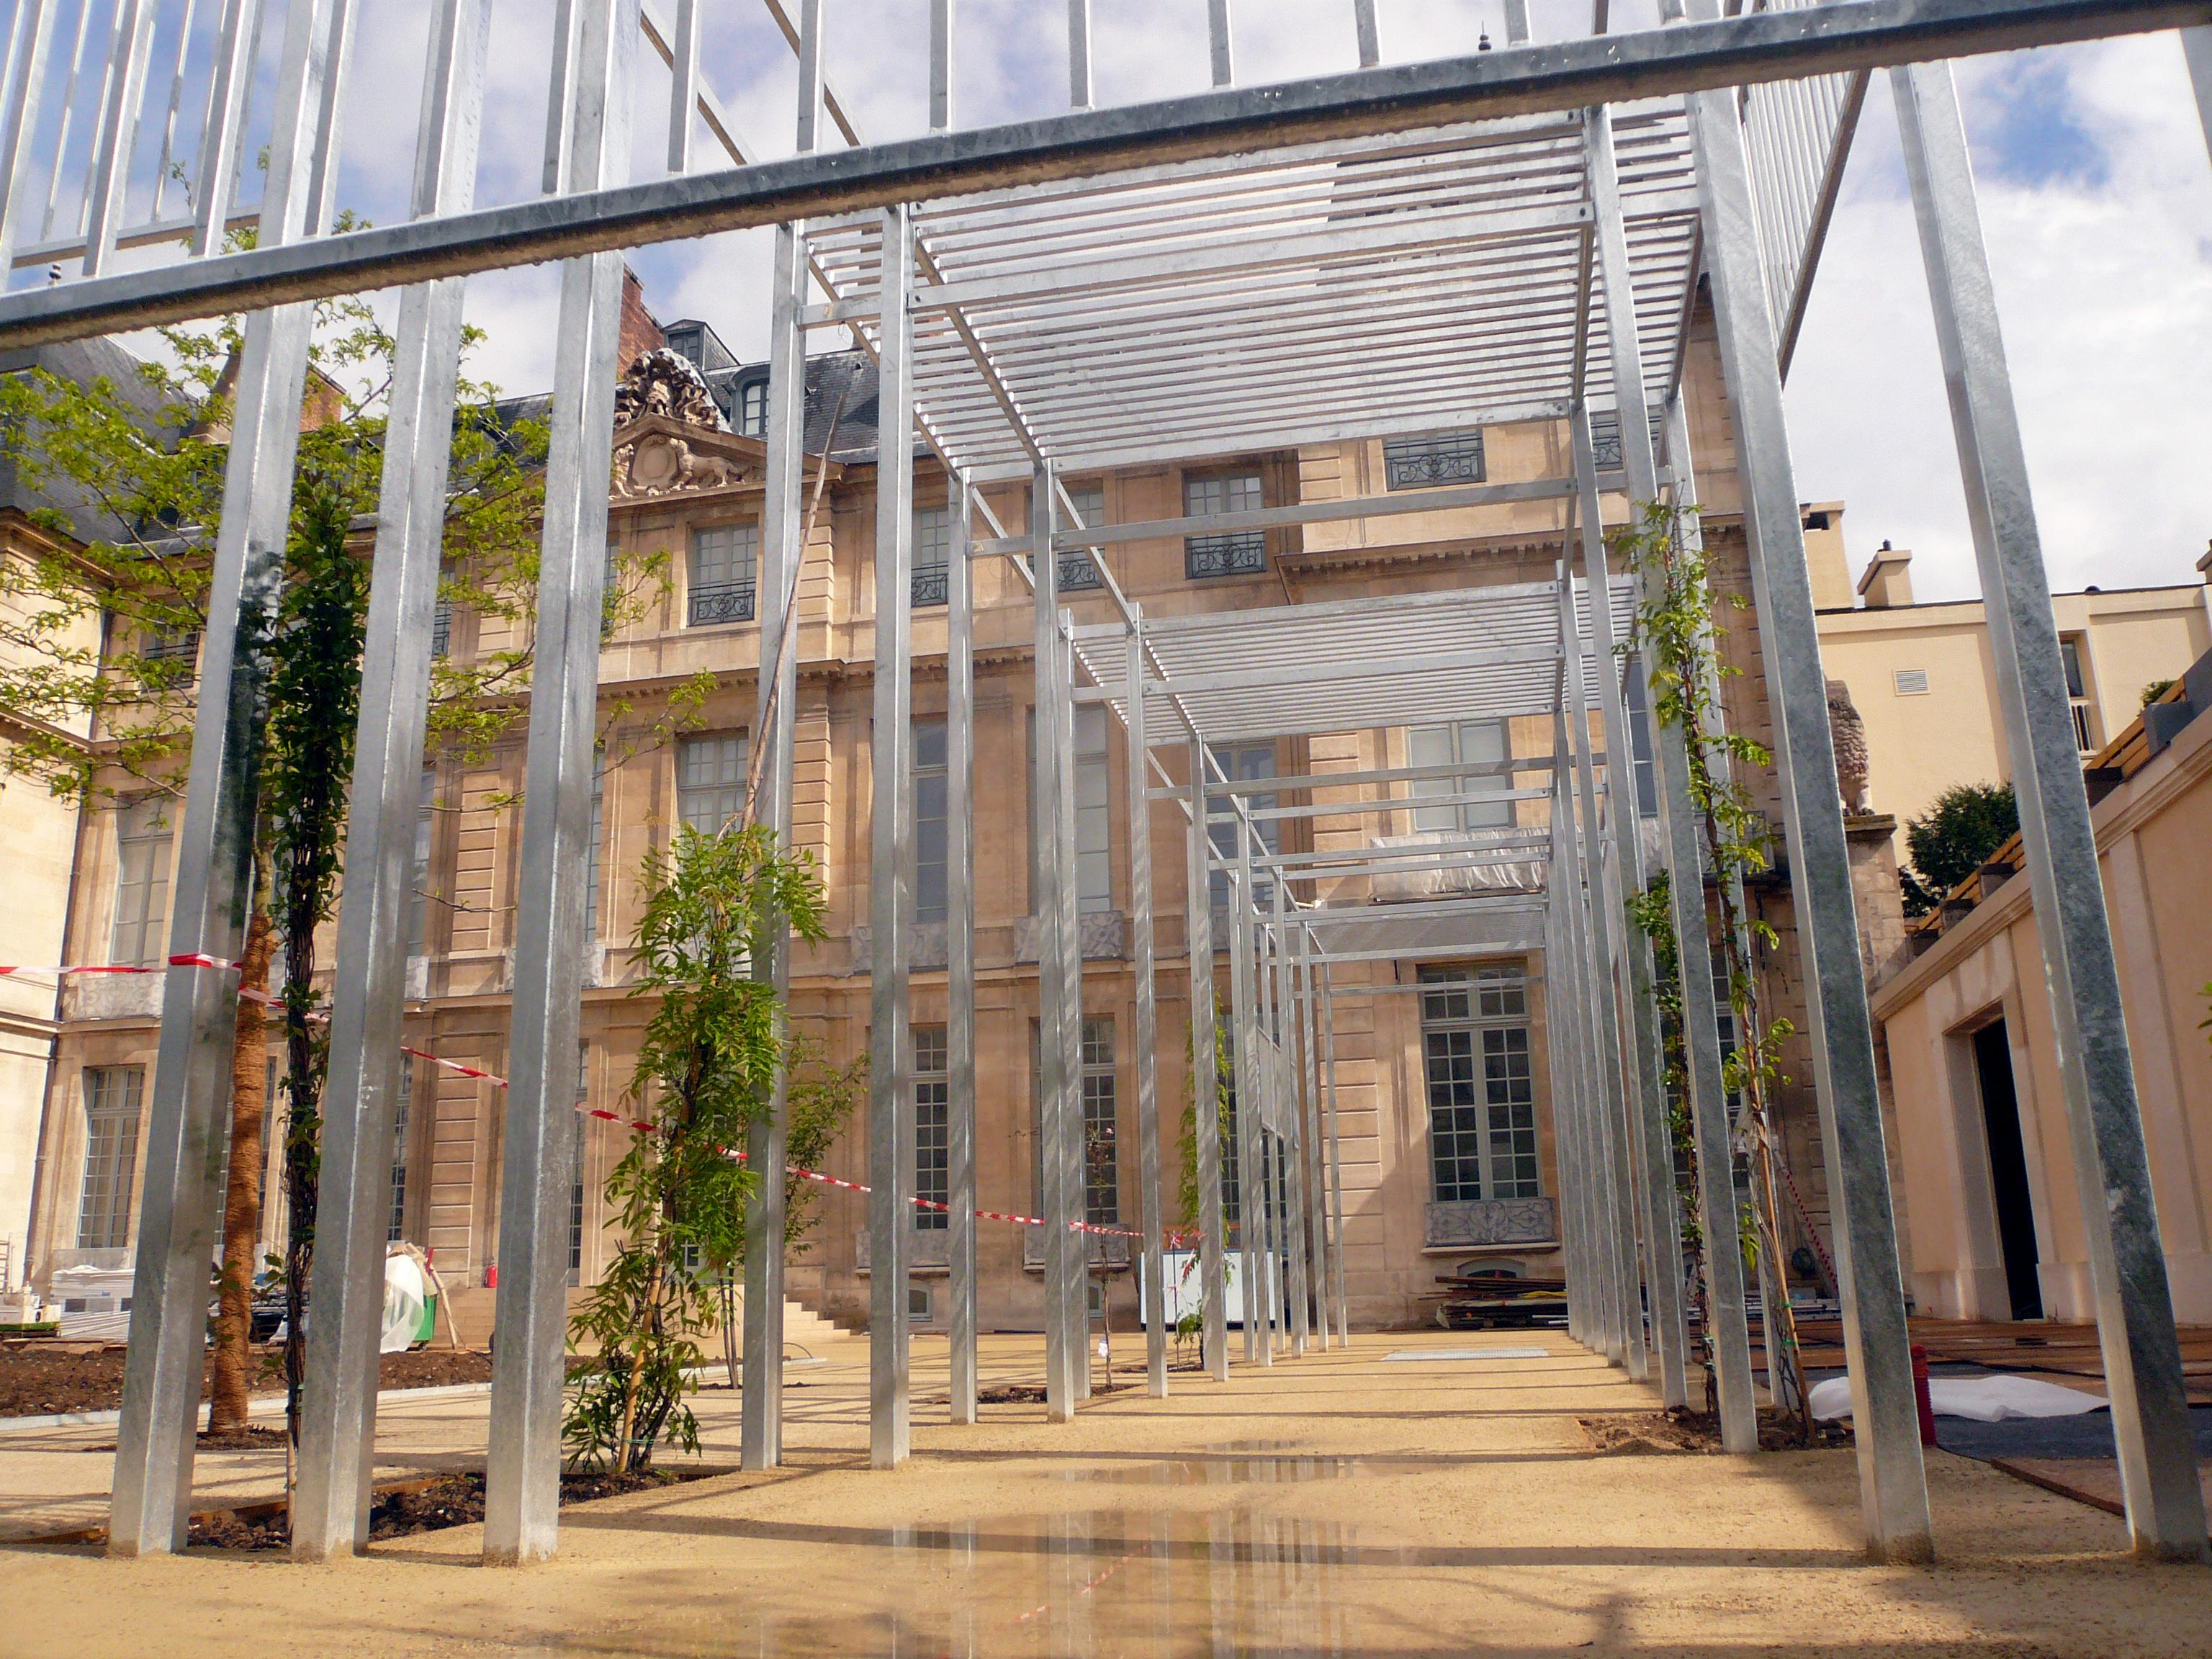 Jardin avec pergola bois - Toile jardin castorama brest ...